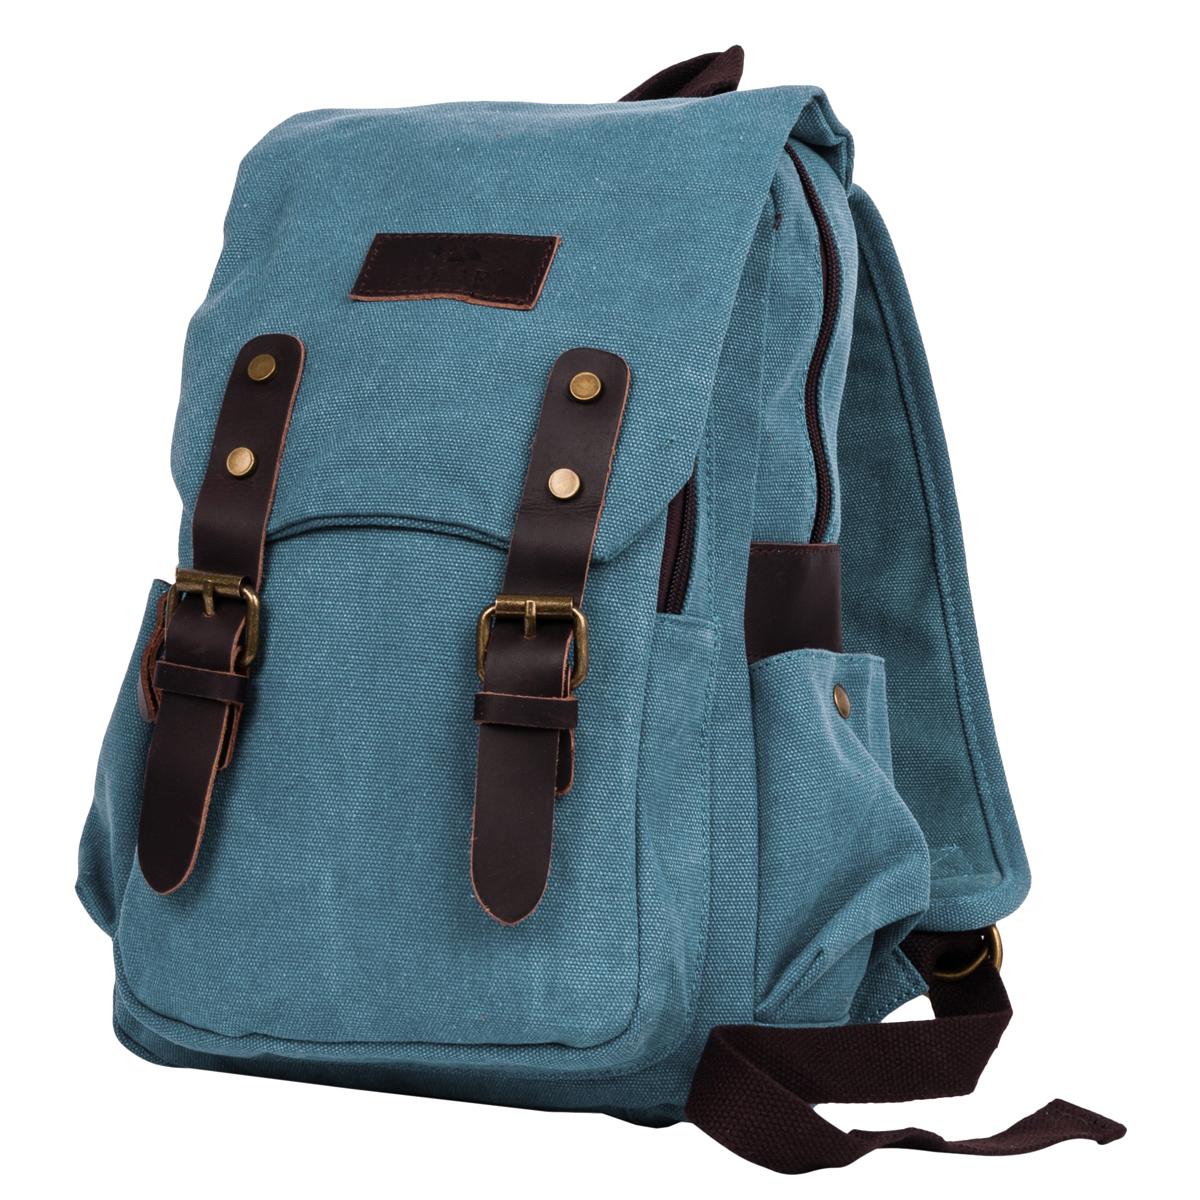 Рюкзак городской Polar Adventure, цвет: синий. 6,5 л. п1488-04 d.blue